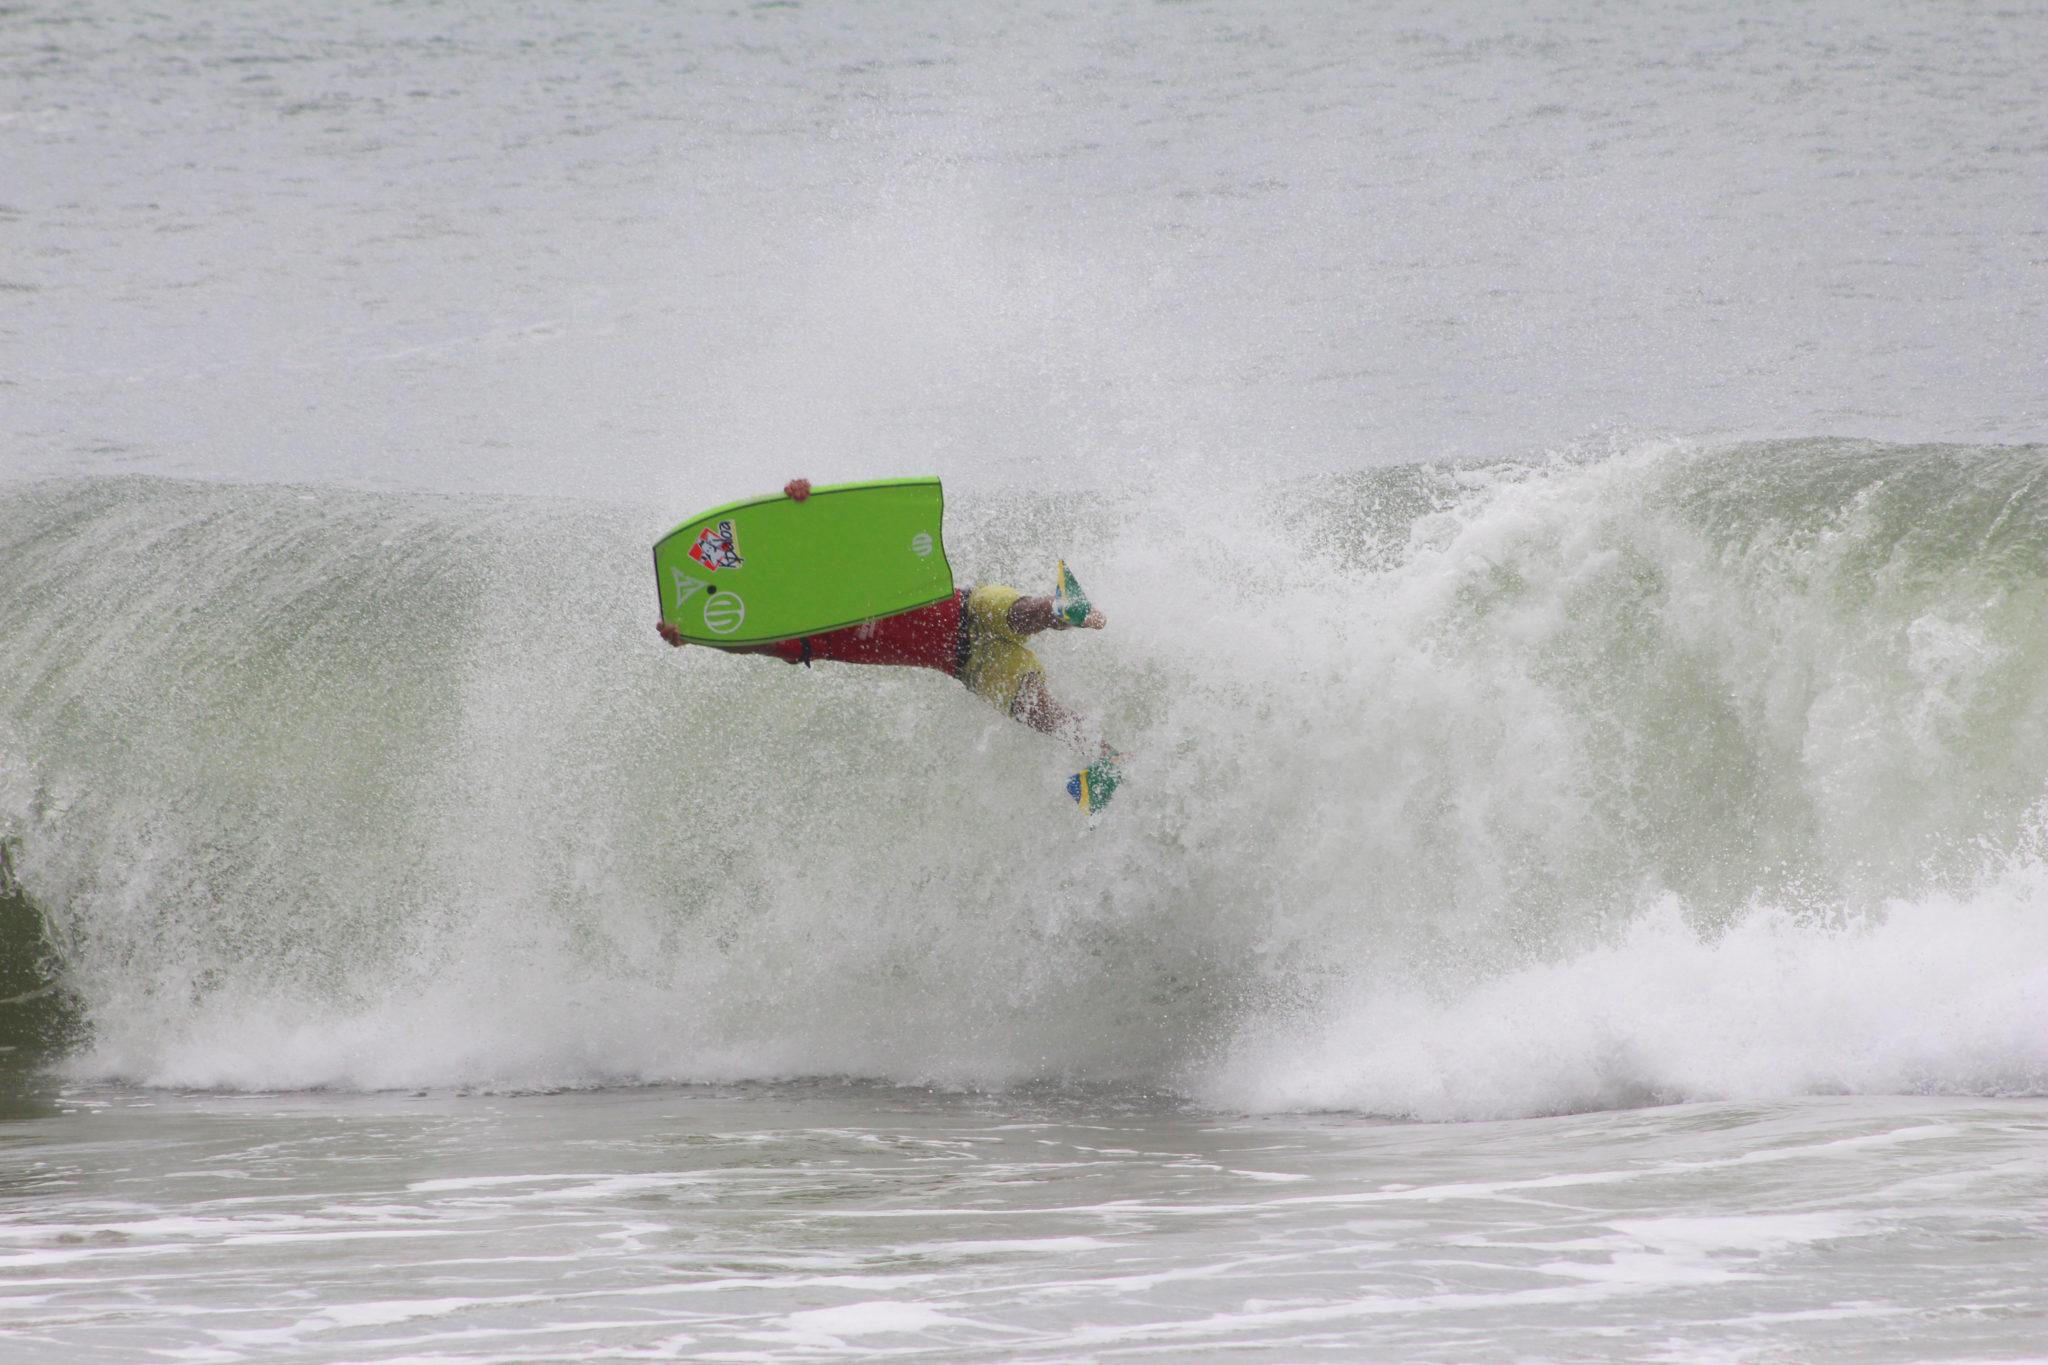 Uri (foto) e Joselani repetem feito após uma década nas ondas do Estaleirinho - Fotos: DOJULE